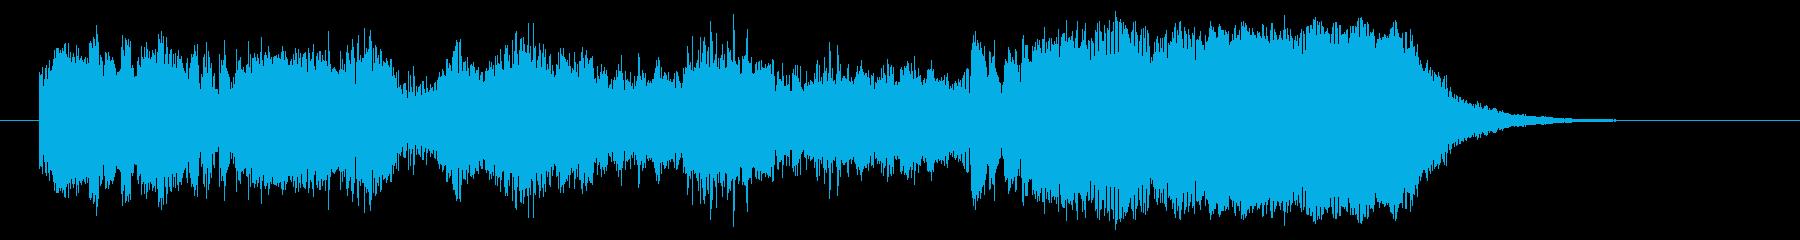 明るく豪華な管楽器シンセサウンドの再生済みの波形